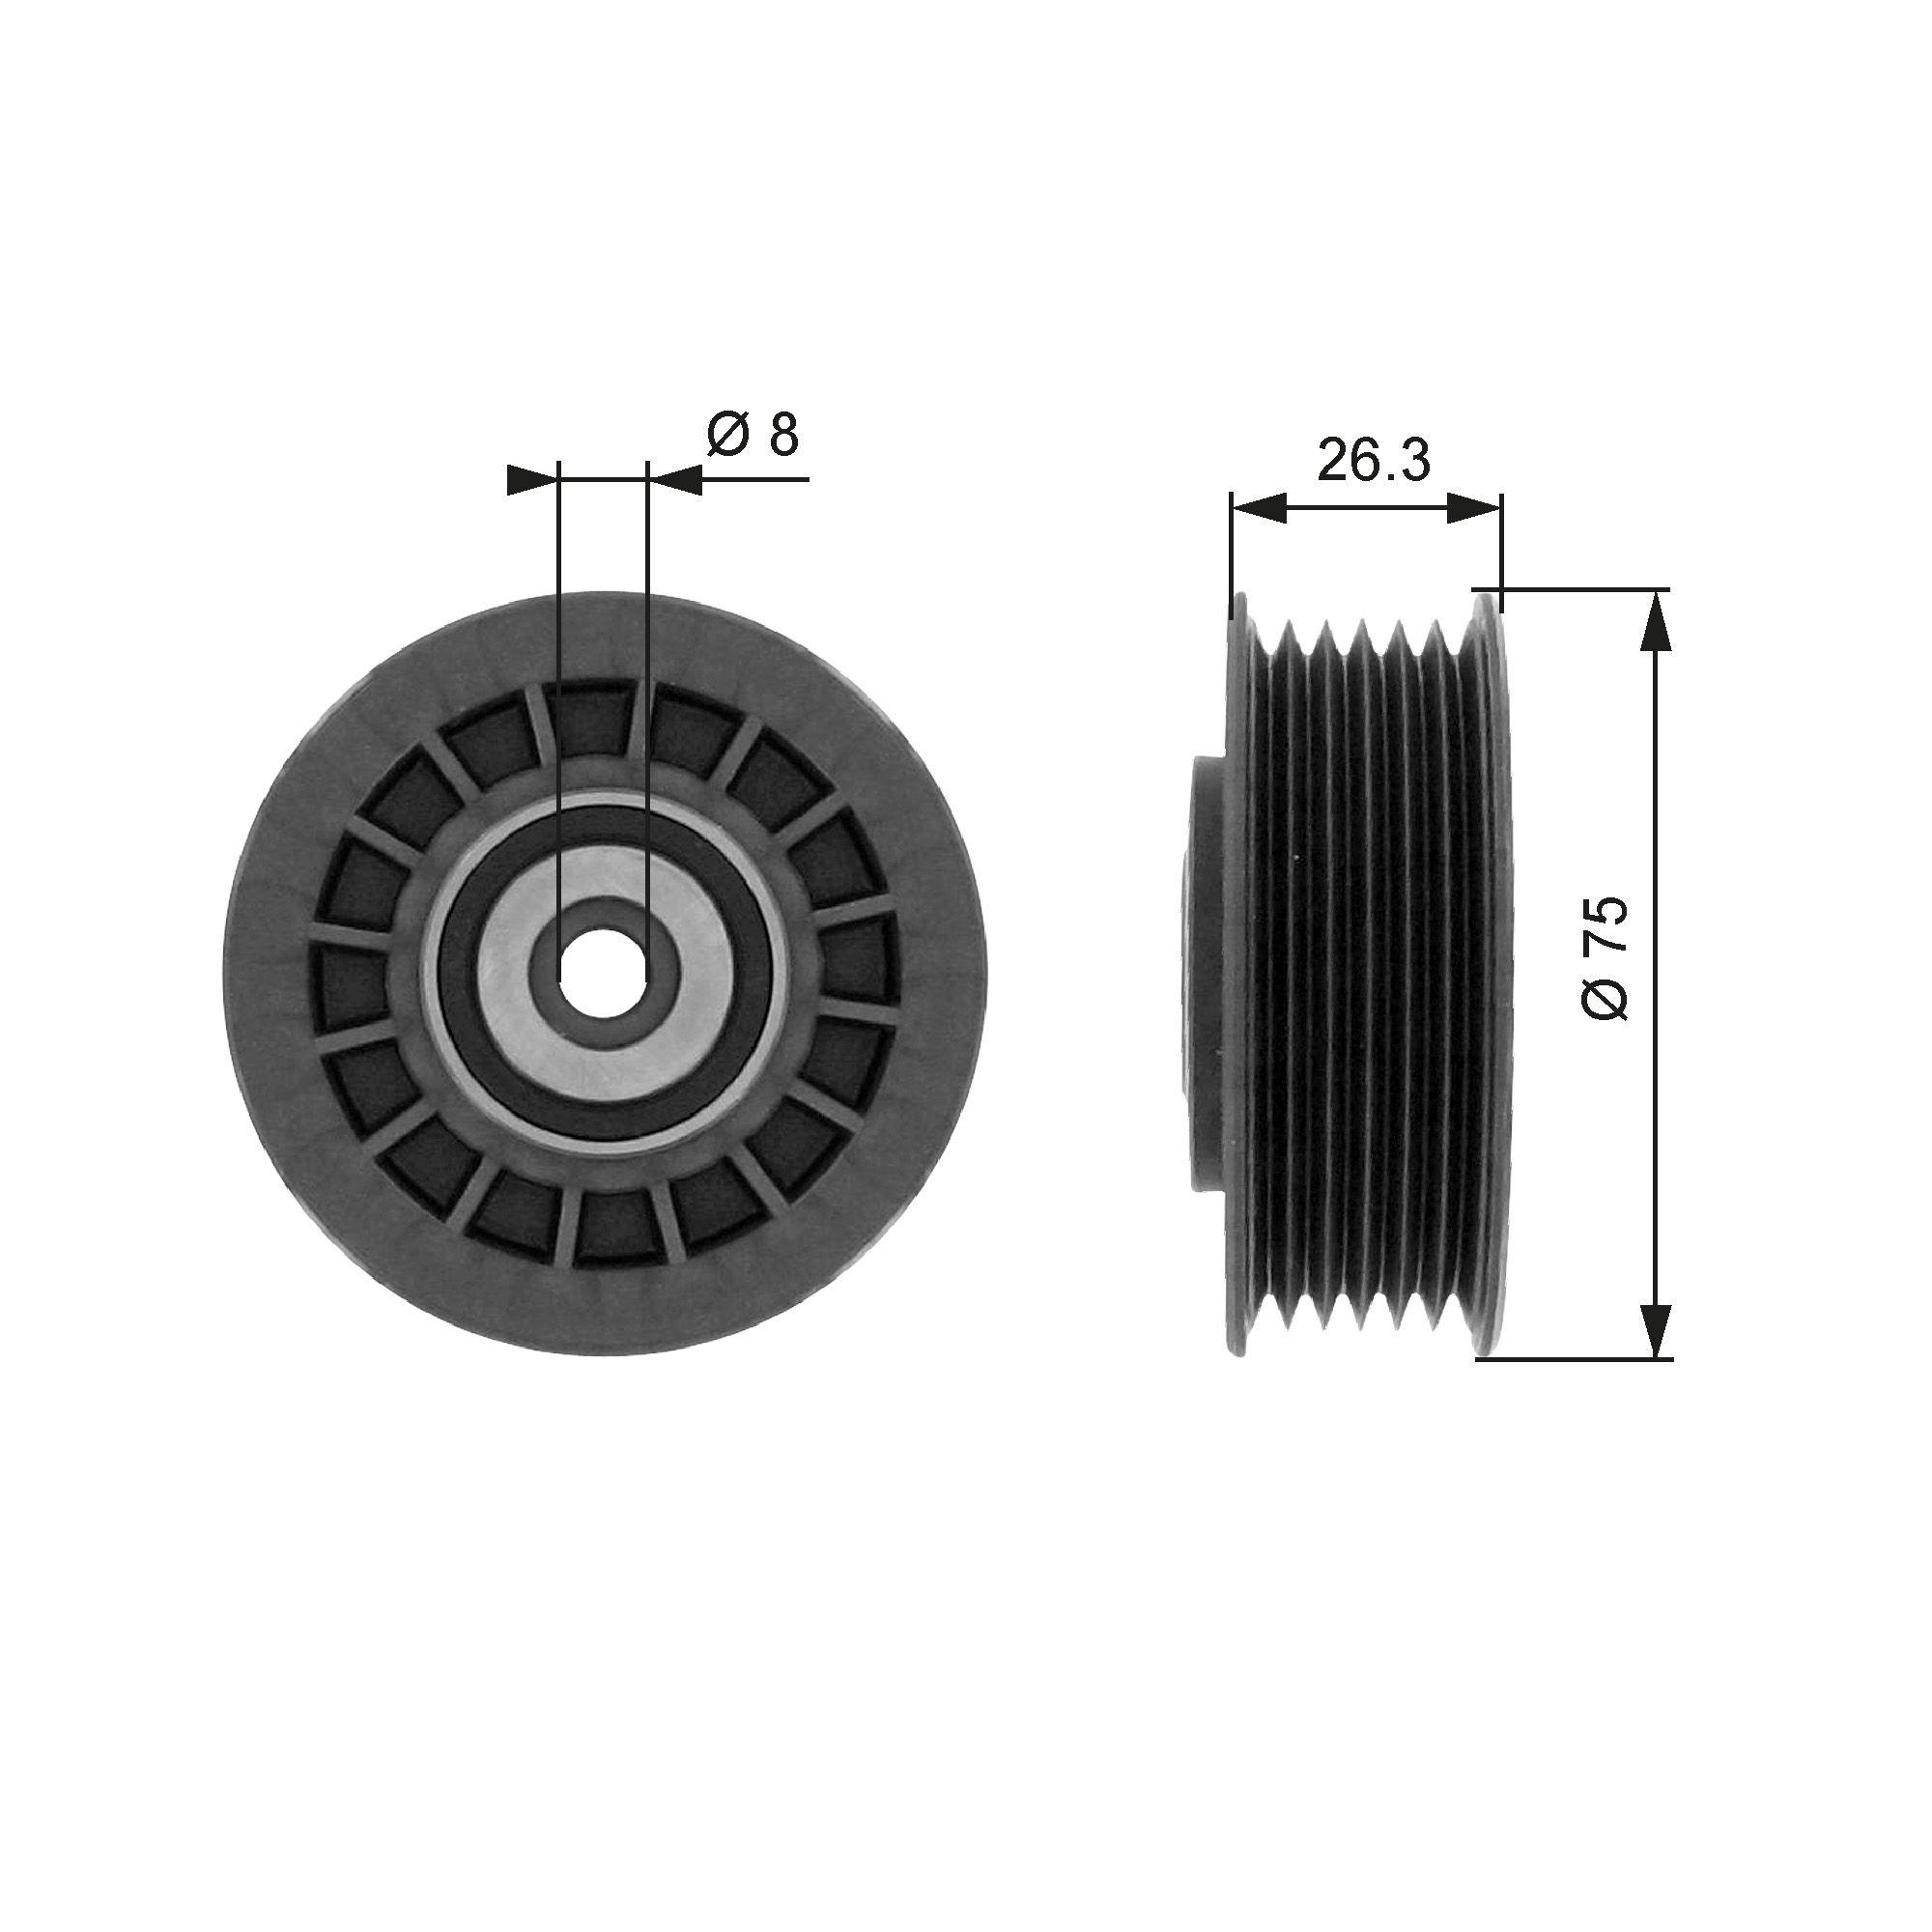 Achat de 780321092 GATES FleetRunner™ Micro-V® Kit avec gorges Ø: 76mm Poulie renvoi / transmission, courroie trapézoïdale à nervures T38092 pas chères